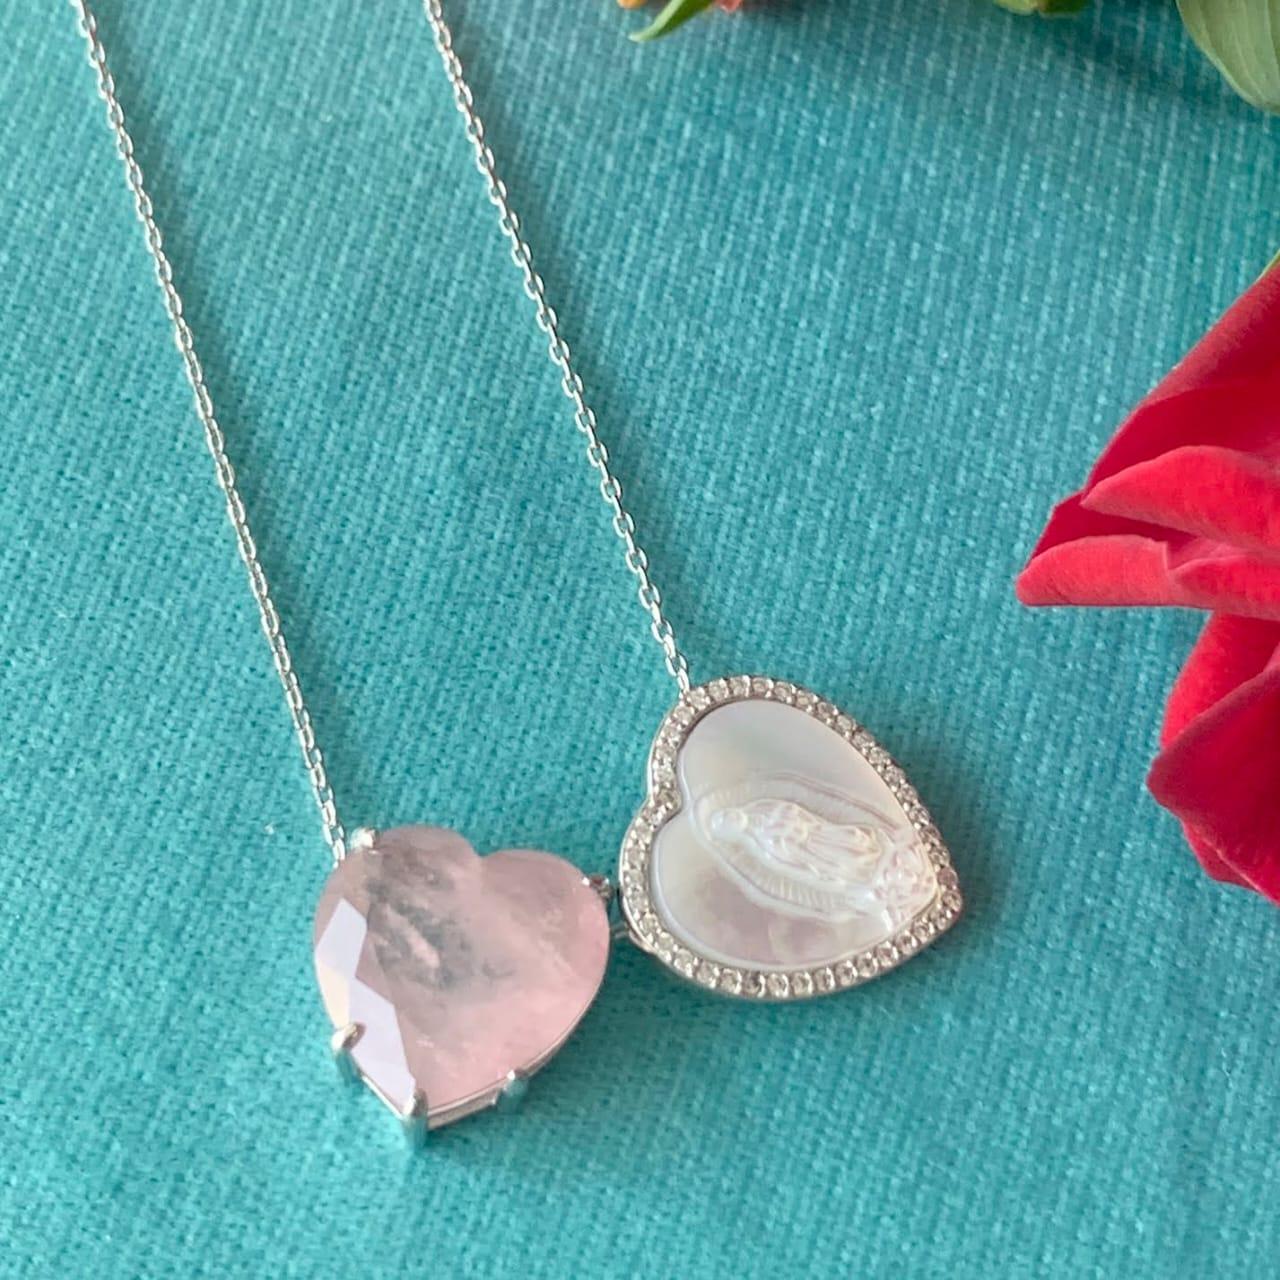 Colar Escapulário em prata 925 de Nossa Senhora de Guadalupe em Madrepérola e Coração de Cristal Fusion Turmalina Rosa - 70 cm